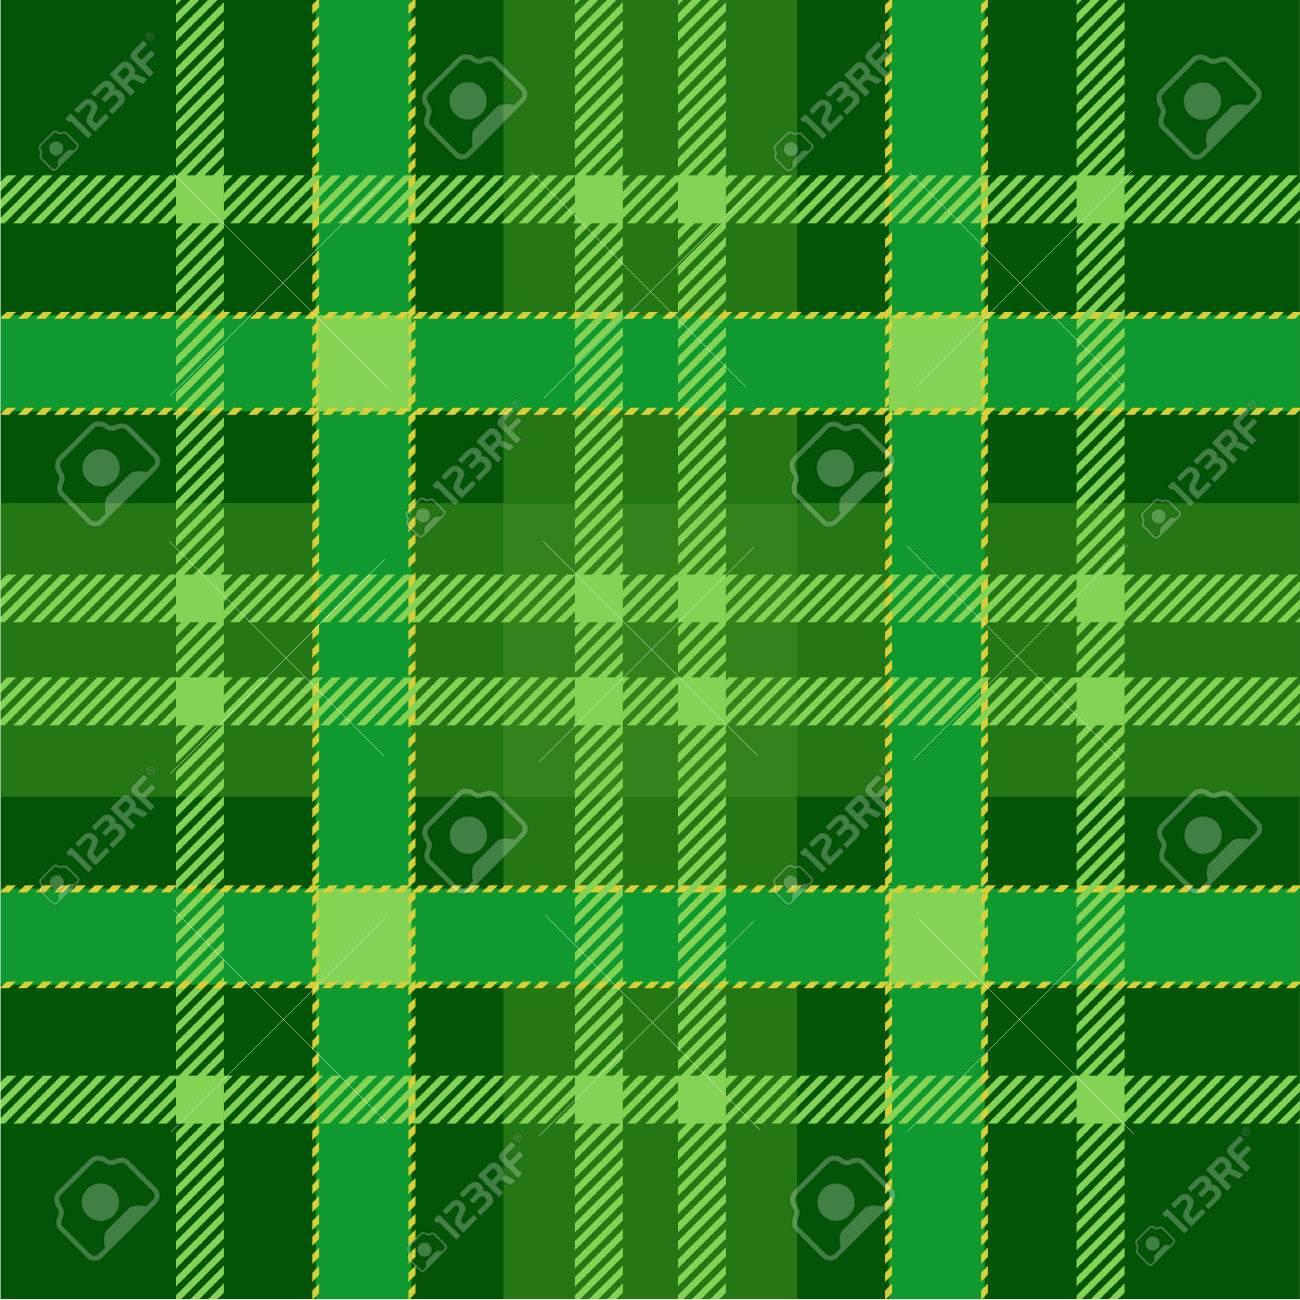 d4e54e728 Fondo Del Modelo Inconsútil Del Tartán De La Tela Escocesa. Ornamento  escocés tradicional verde. Tejas de tartán sin costuras. Ilustración ...